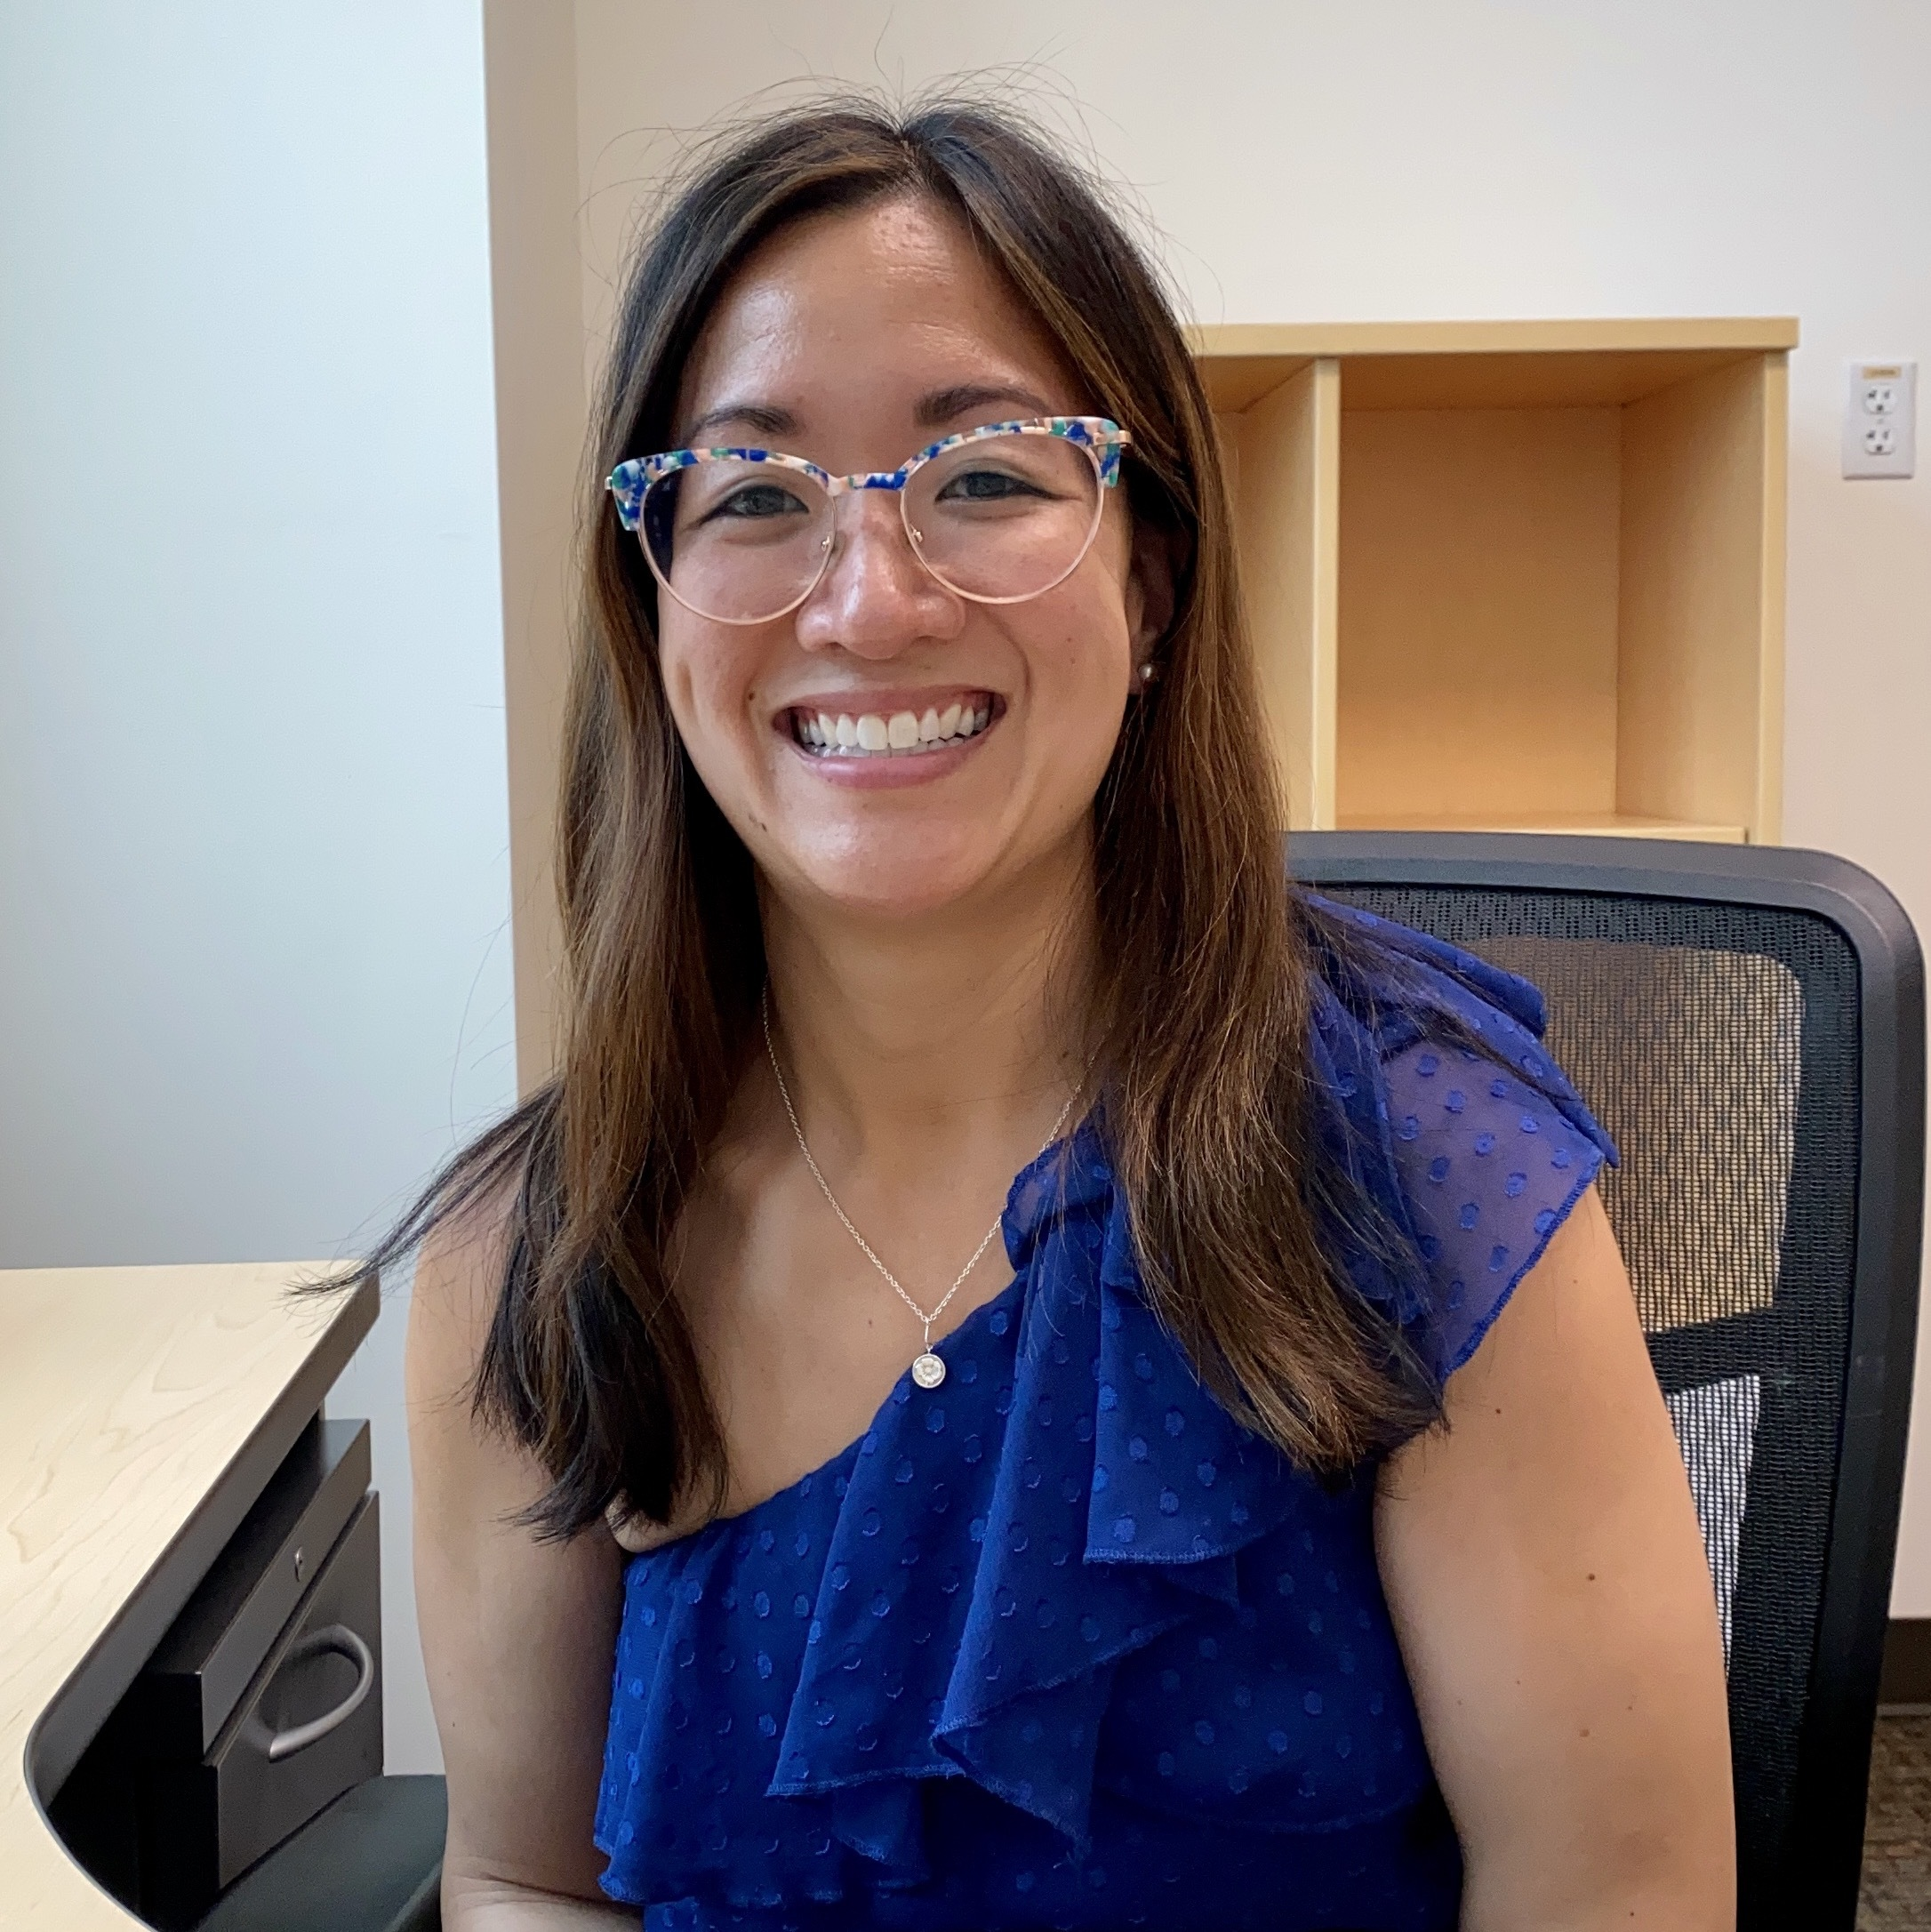 Tina Penman